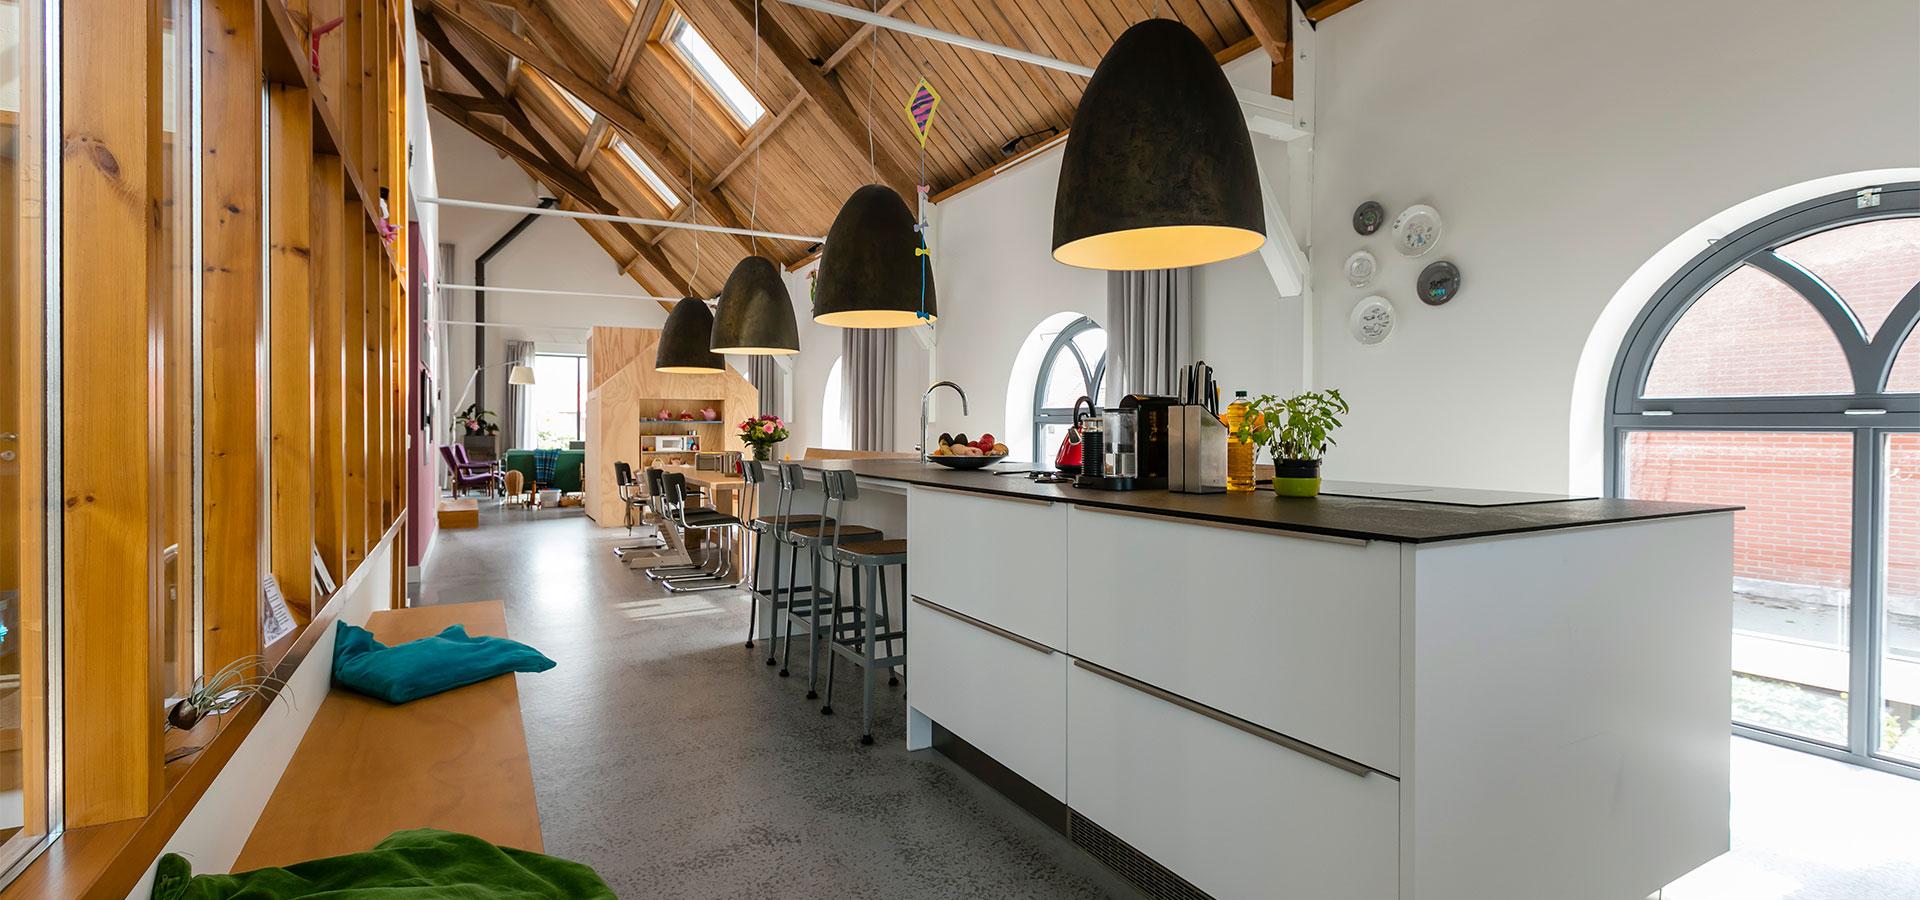 FARO architecten herbestemming kerkje Alphen aan den Rijn 11